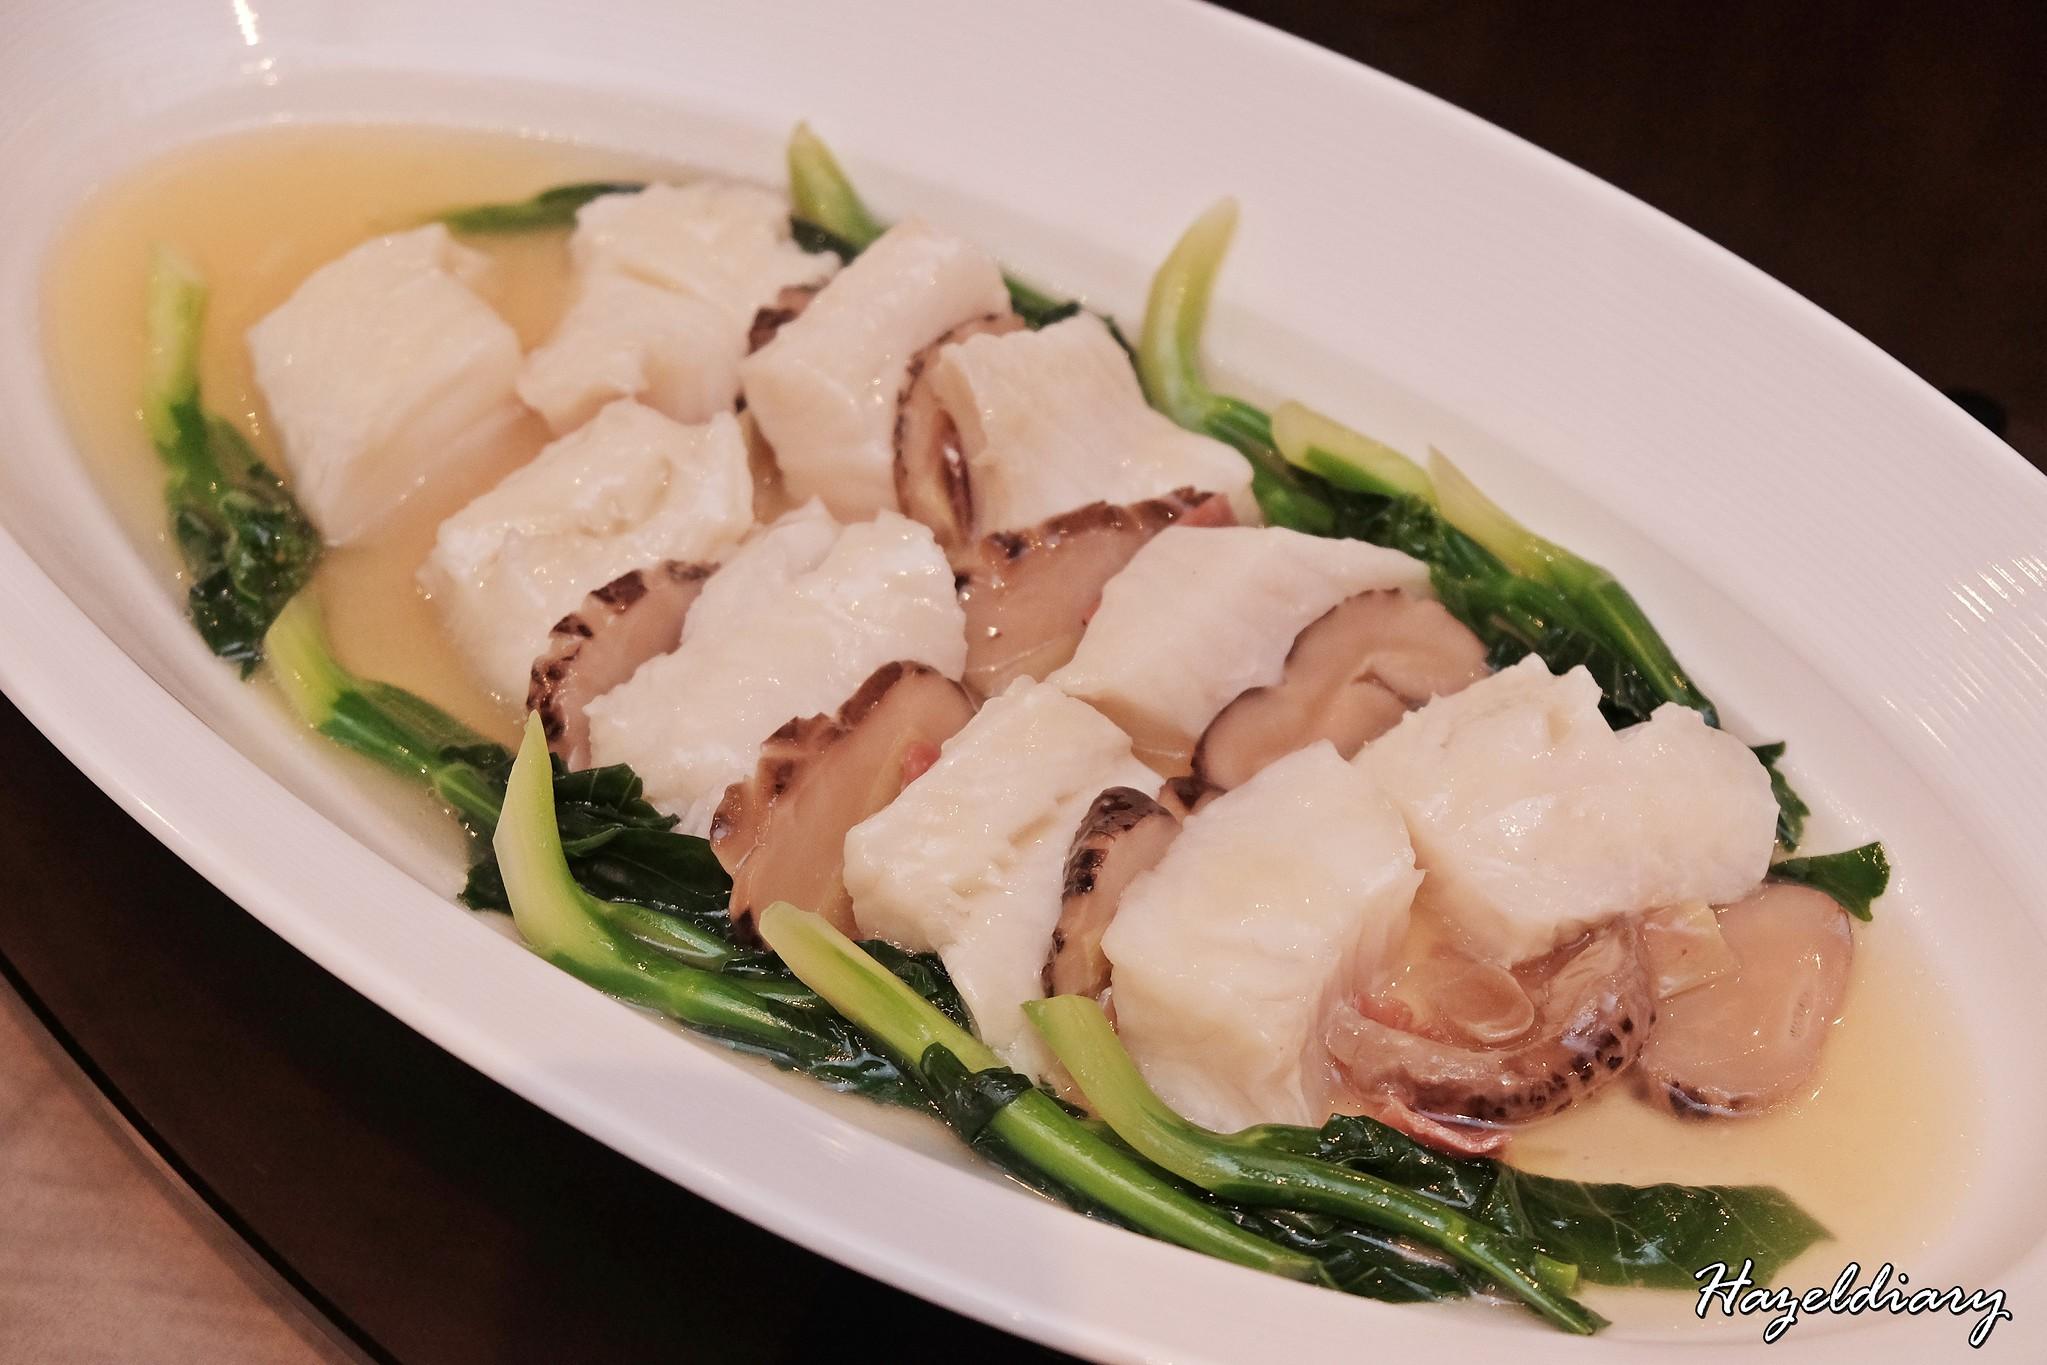 jiang Nan Chun Four Seasons Hotel Singapore-CNY Fish